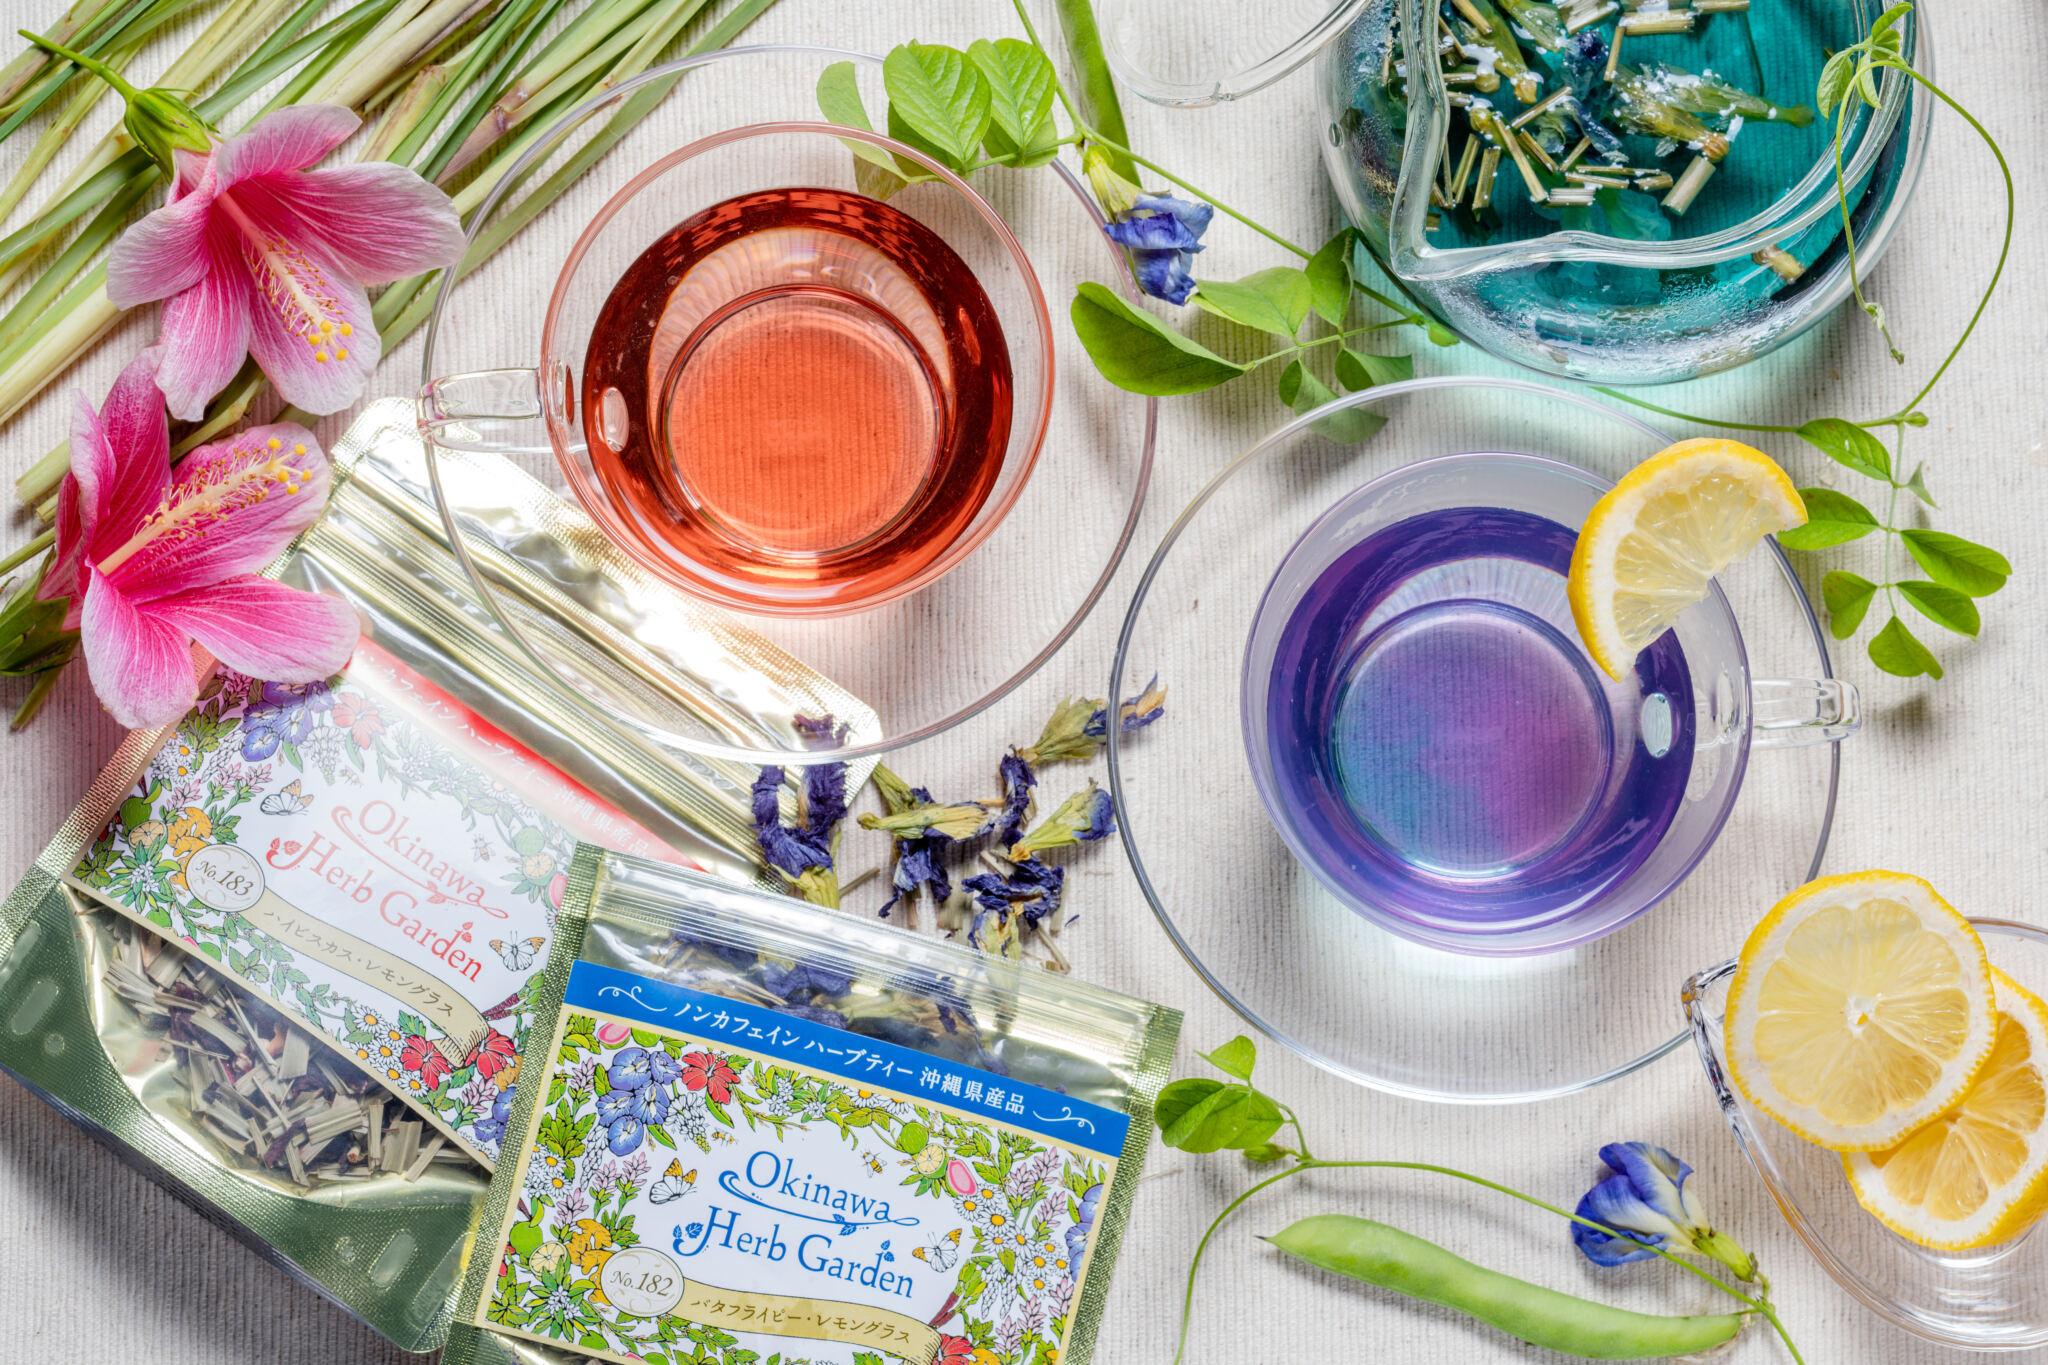 沖縄の自然に育まれた天然の色、段違いの香り。お土産にも、おうち時間の充実にも、ぜひ!